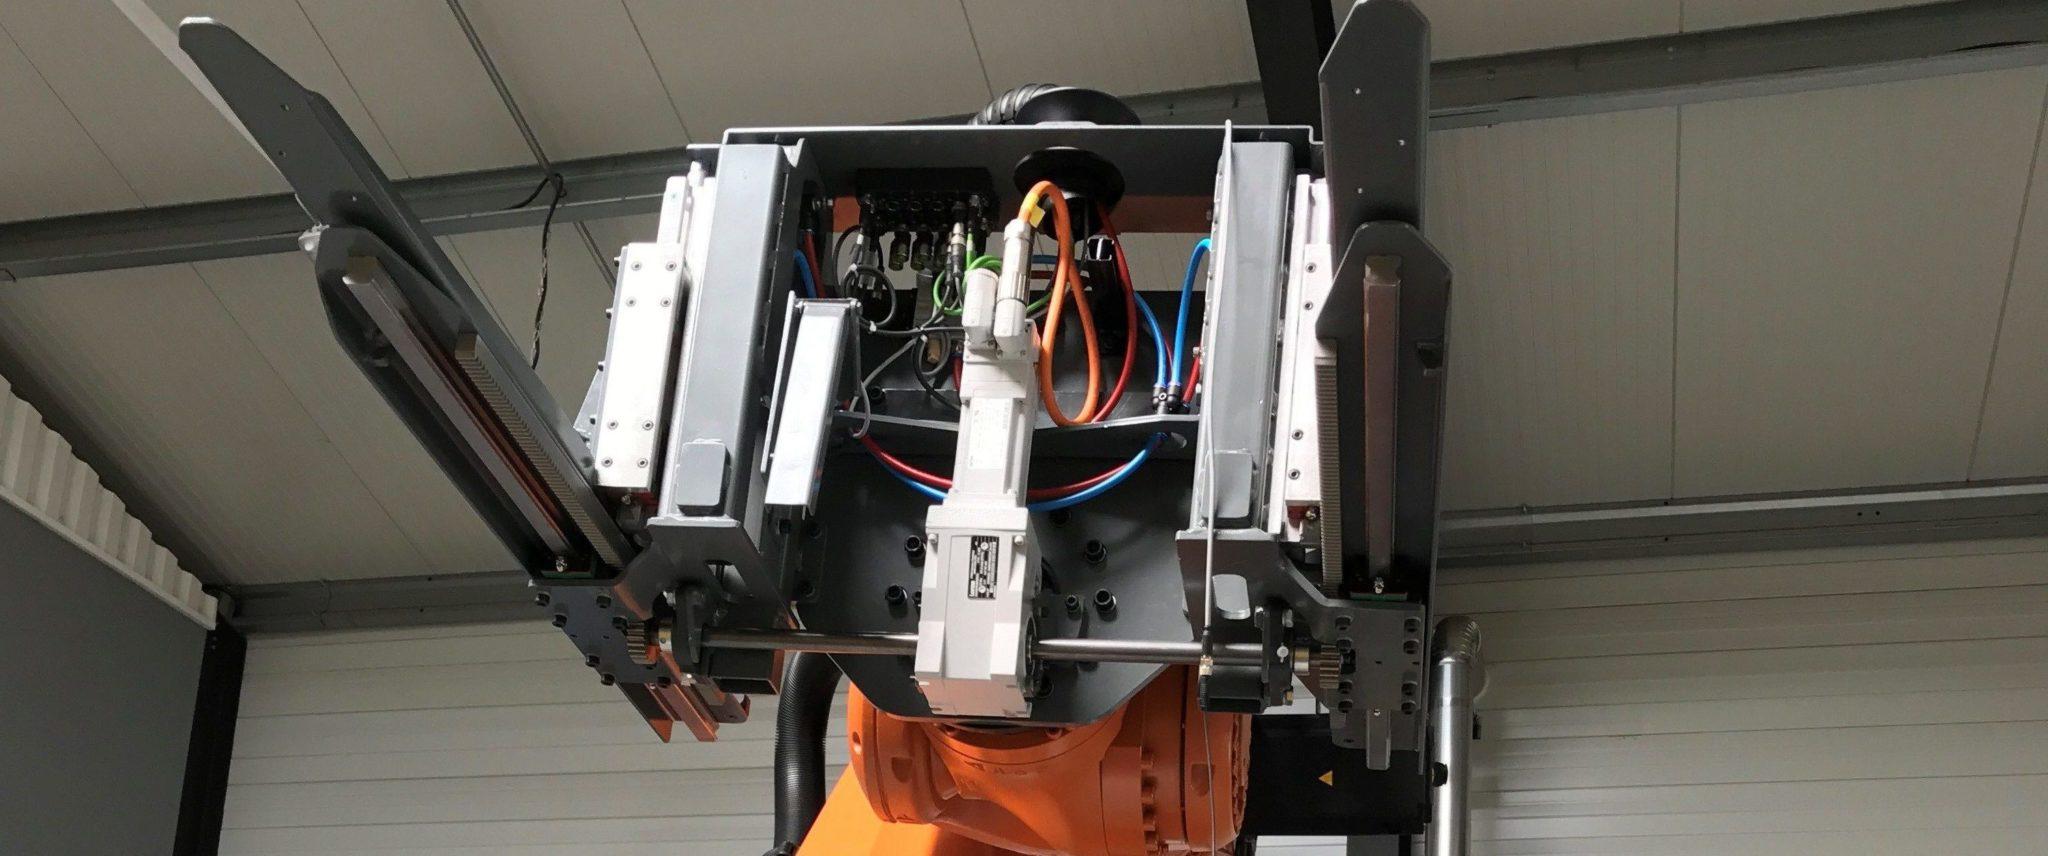 Servomoteur embarqué sur robot Kuka en partenariat avec la société GS industrie